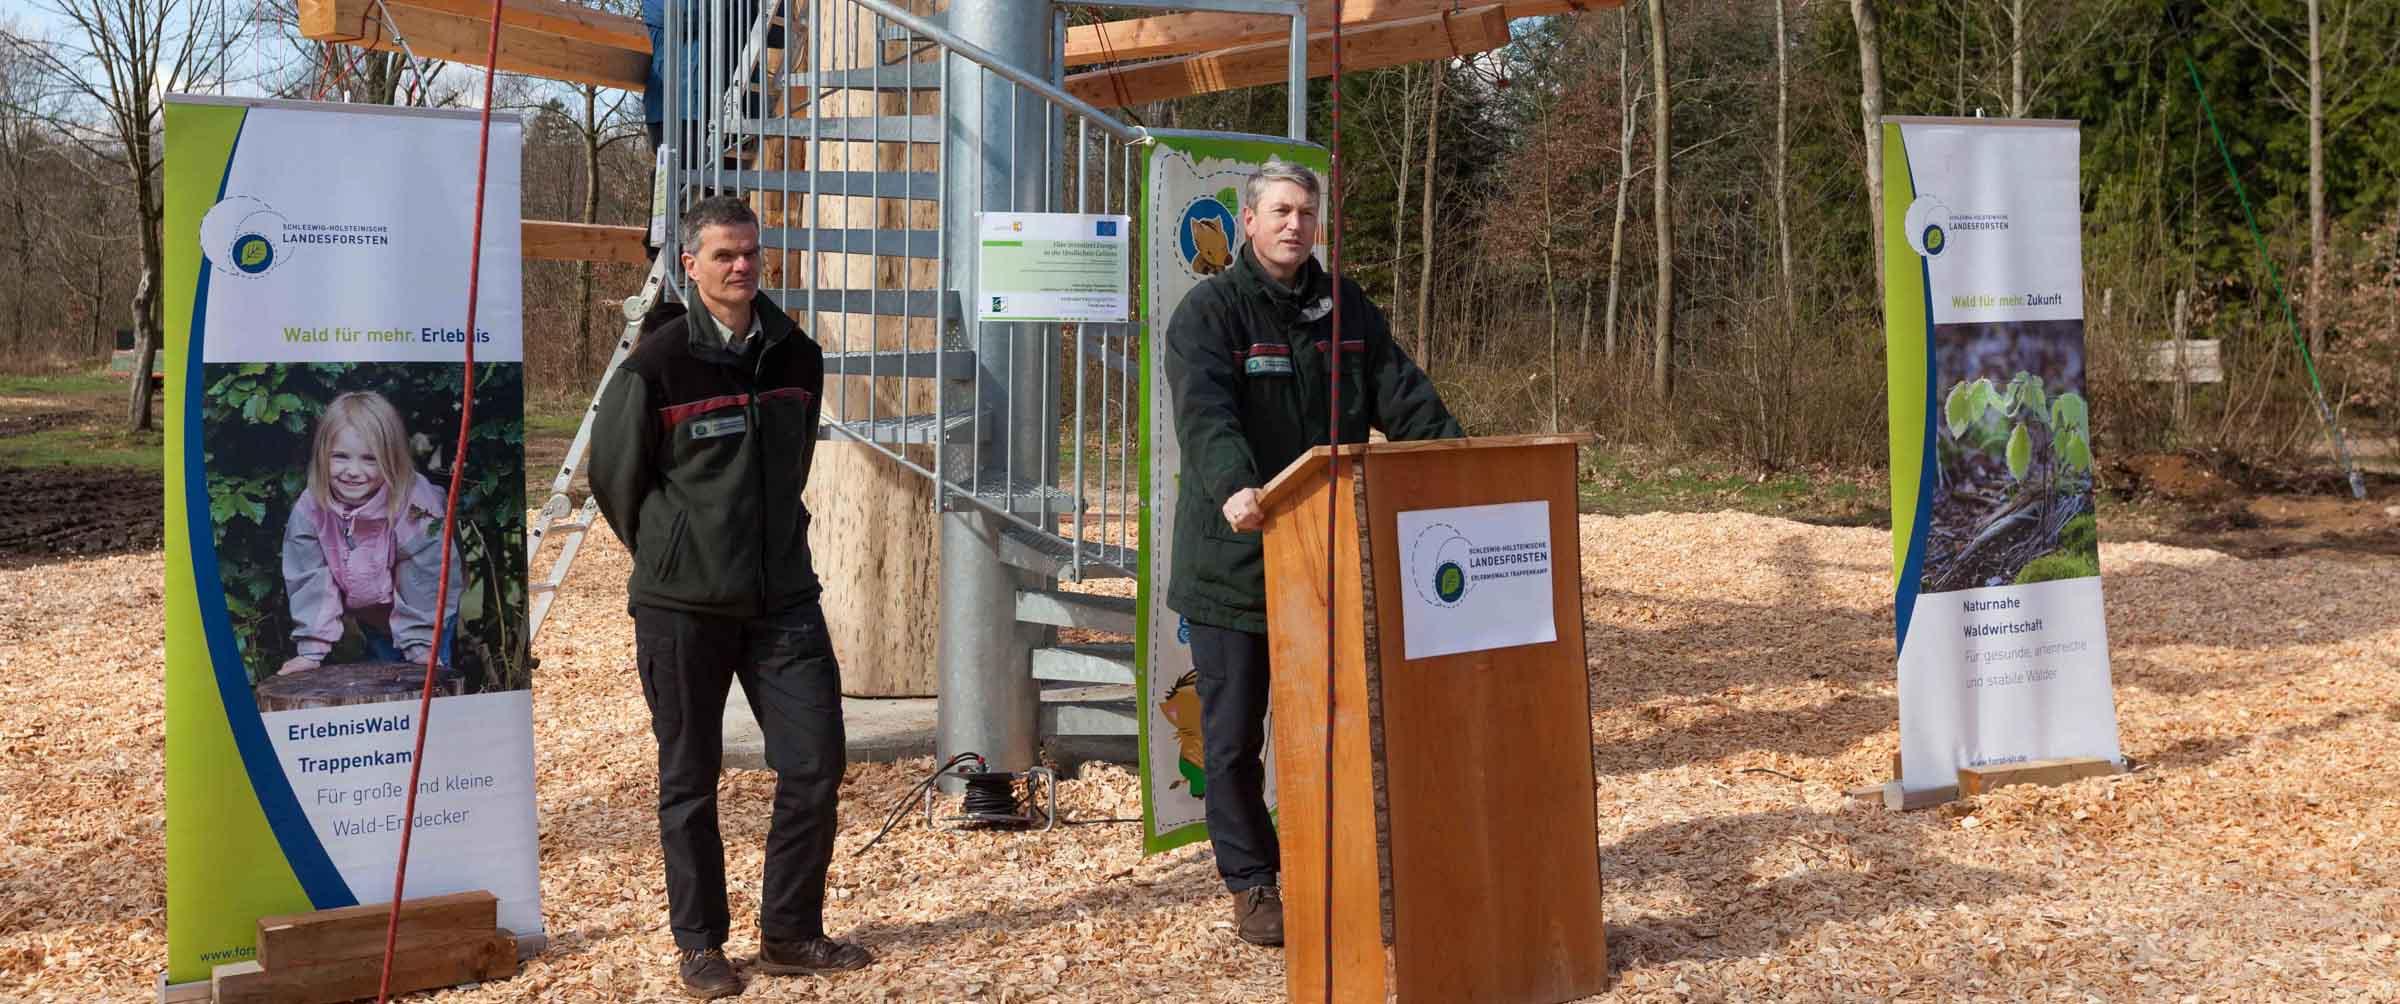 Im Erlebniswald Trappenkamp wurde der Teamtower als neues Wahrzeichen eingeweiht